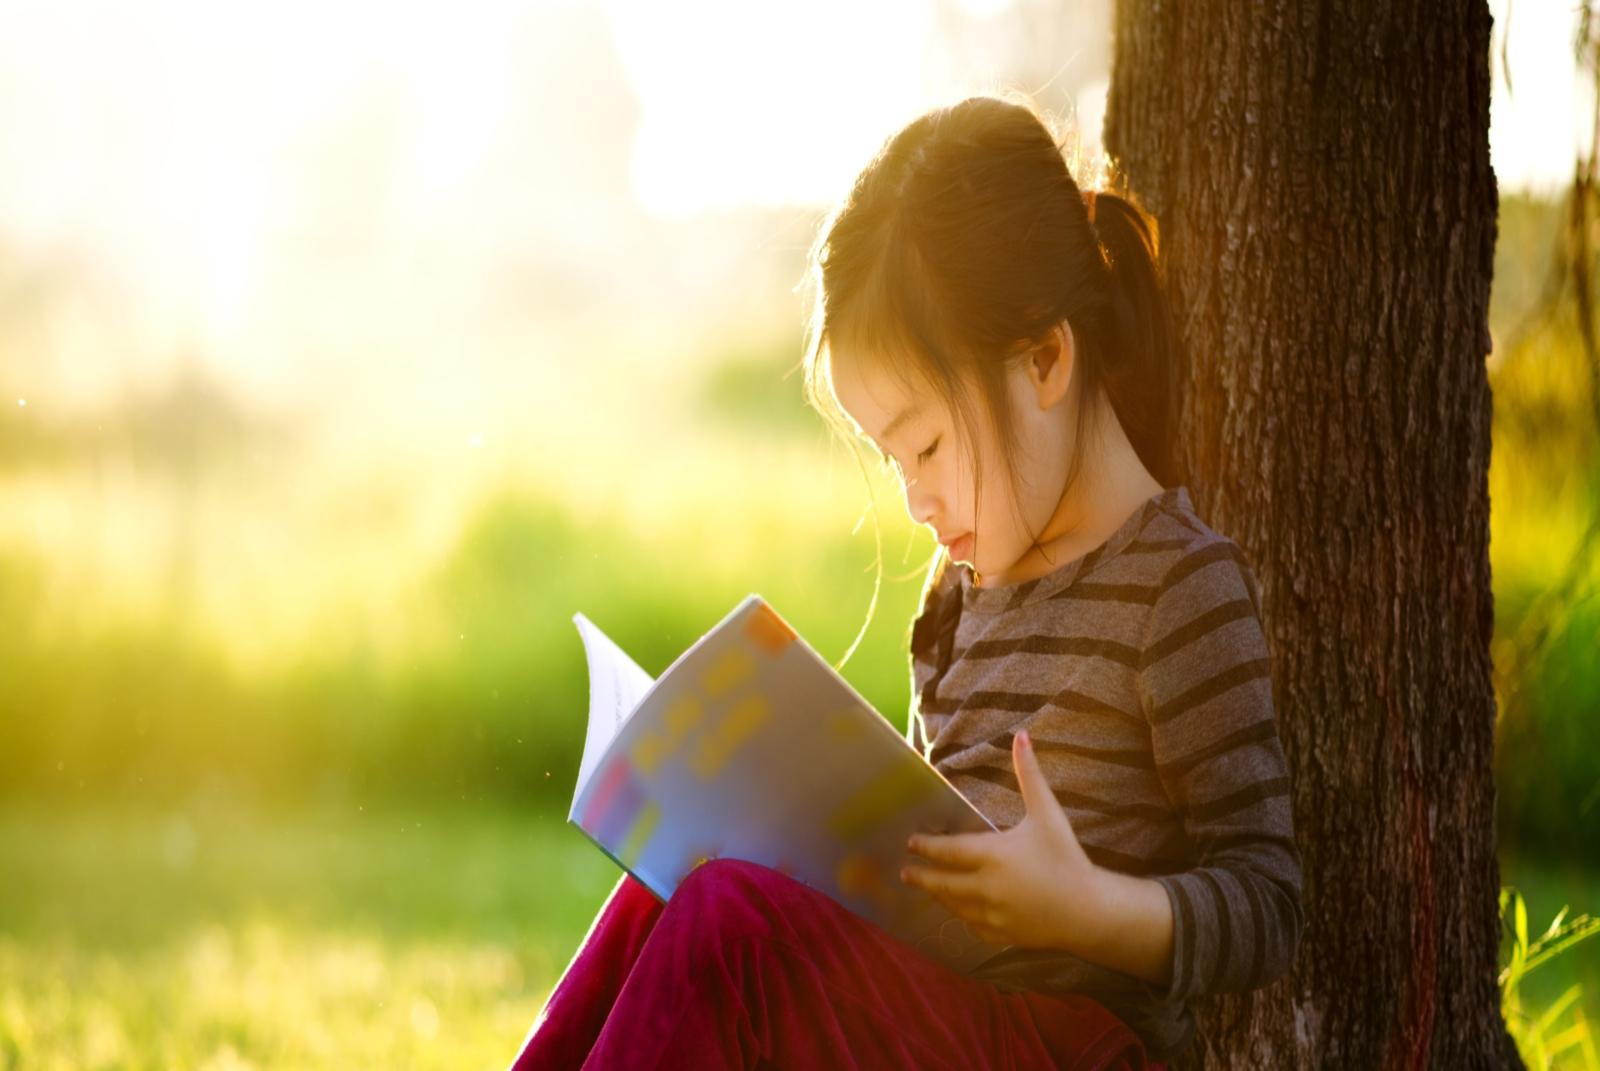 Τα παιδιά που ασκούνται έχουν καλύτερες επιδόσεις στο διάβασμα